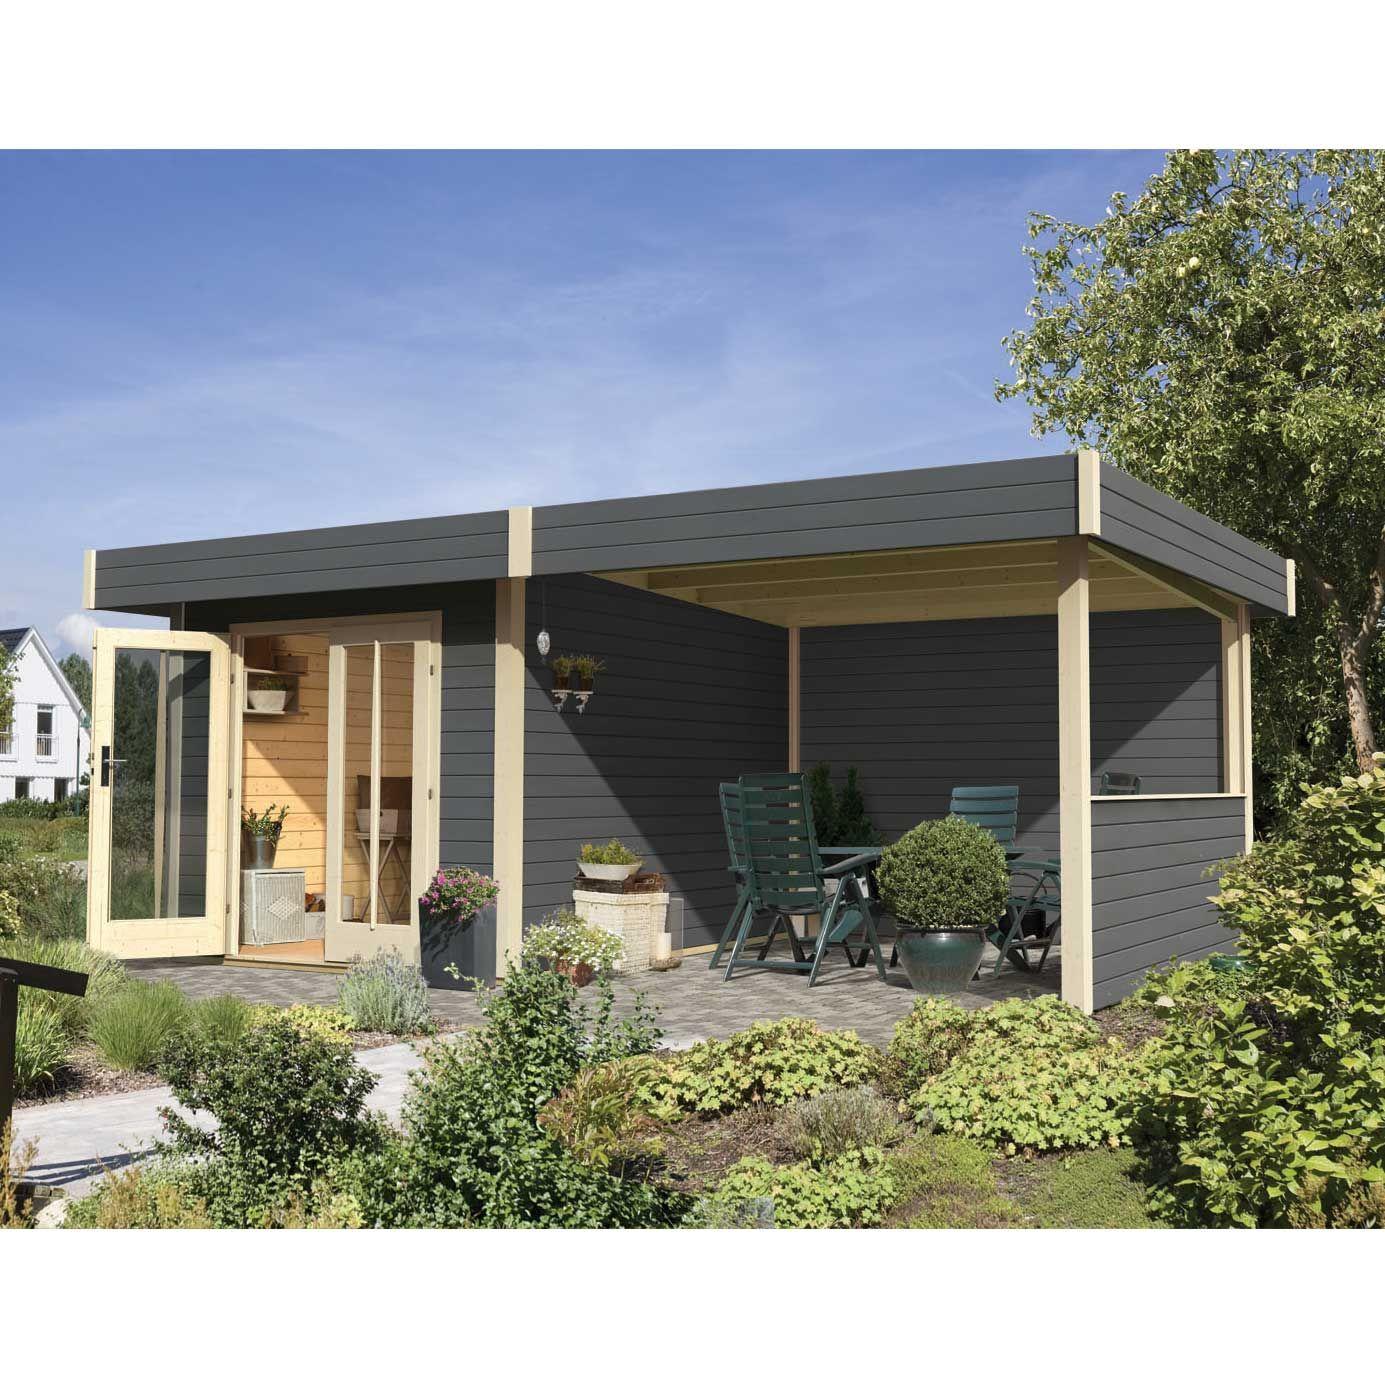 Squared | Abri De Jardin Bois, Abri De Jardin, Aménagement ... concernant Abri De Jardin Design